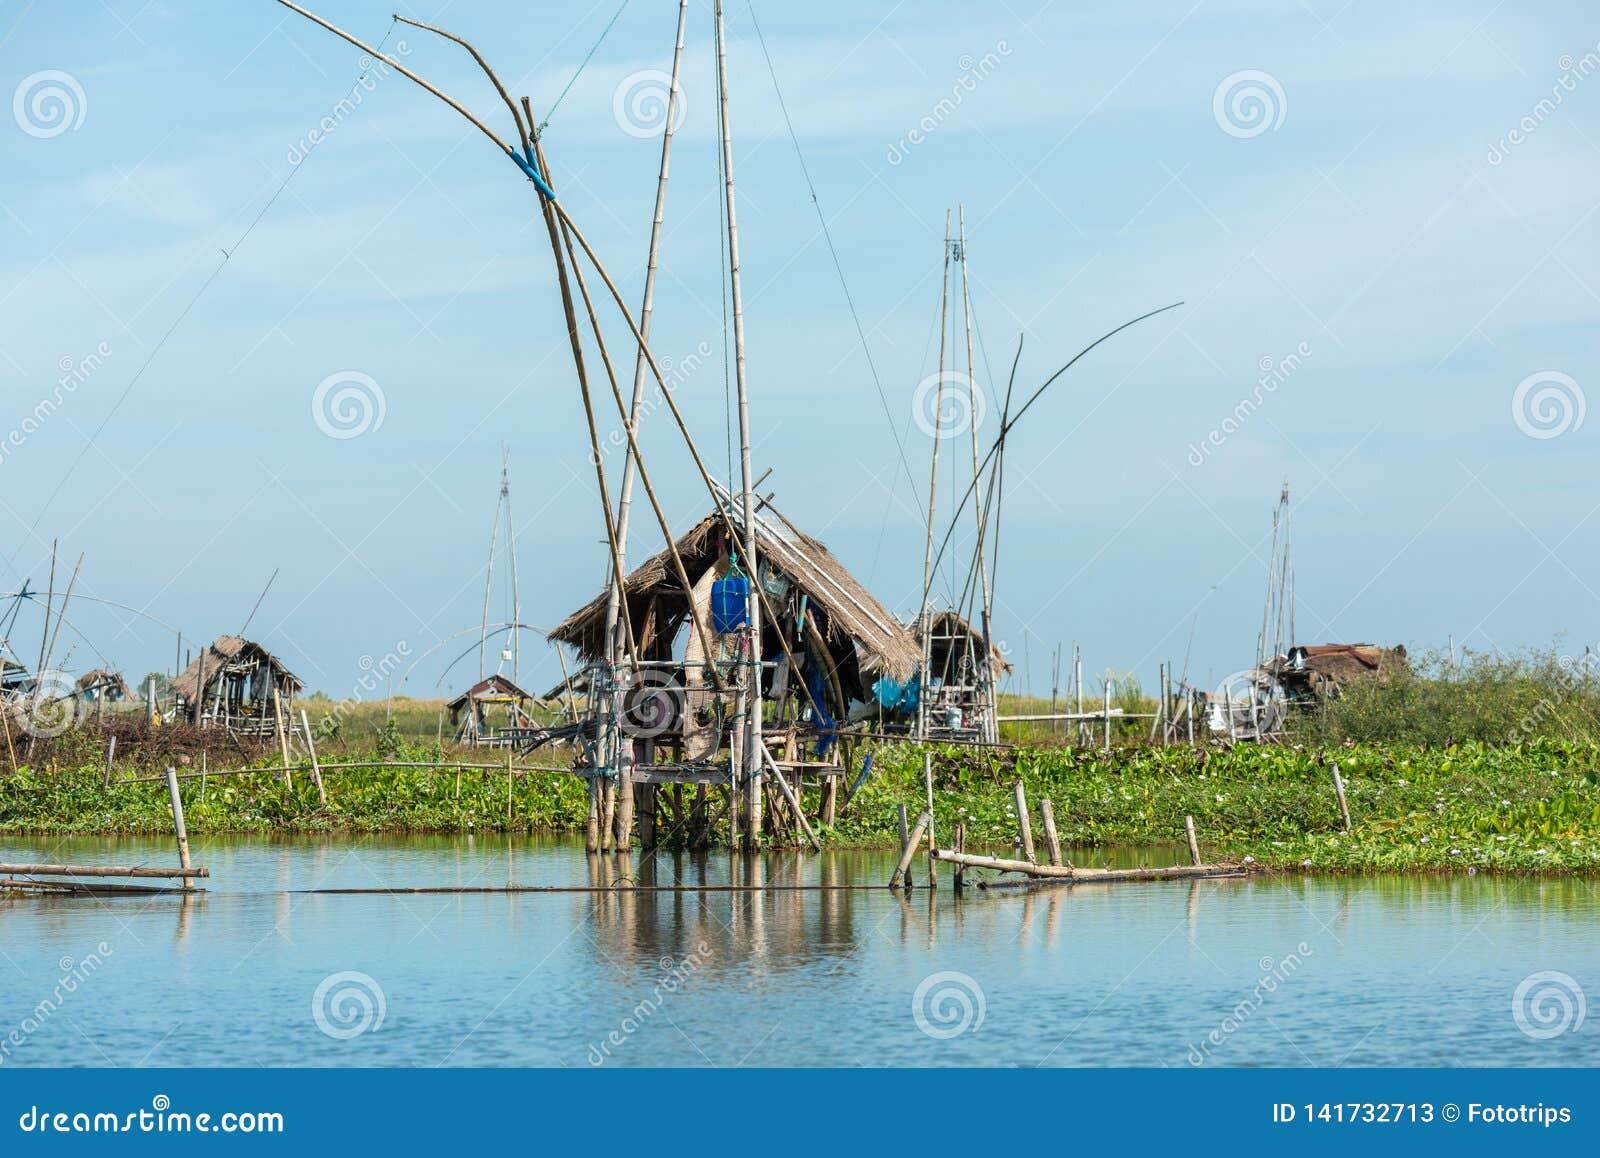 Rybak wioska w Tajlandia z liczbą połów wytłacza wzory nazwanego «Yok Yor «, Tajlandia połowu tradycyjni narzędzia które zrobili